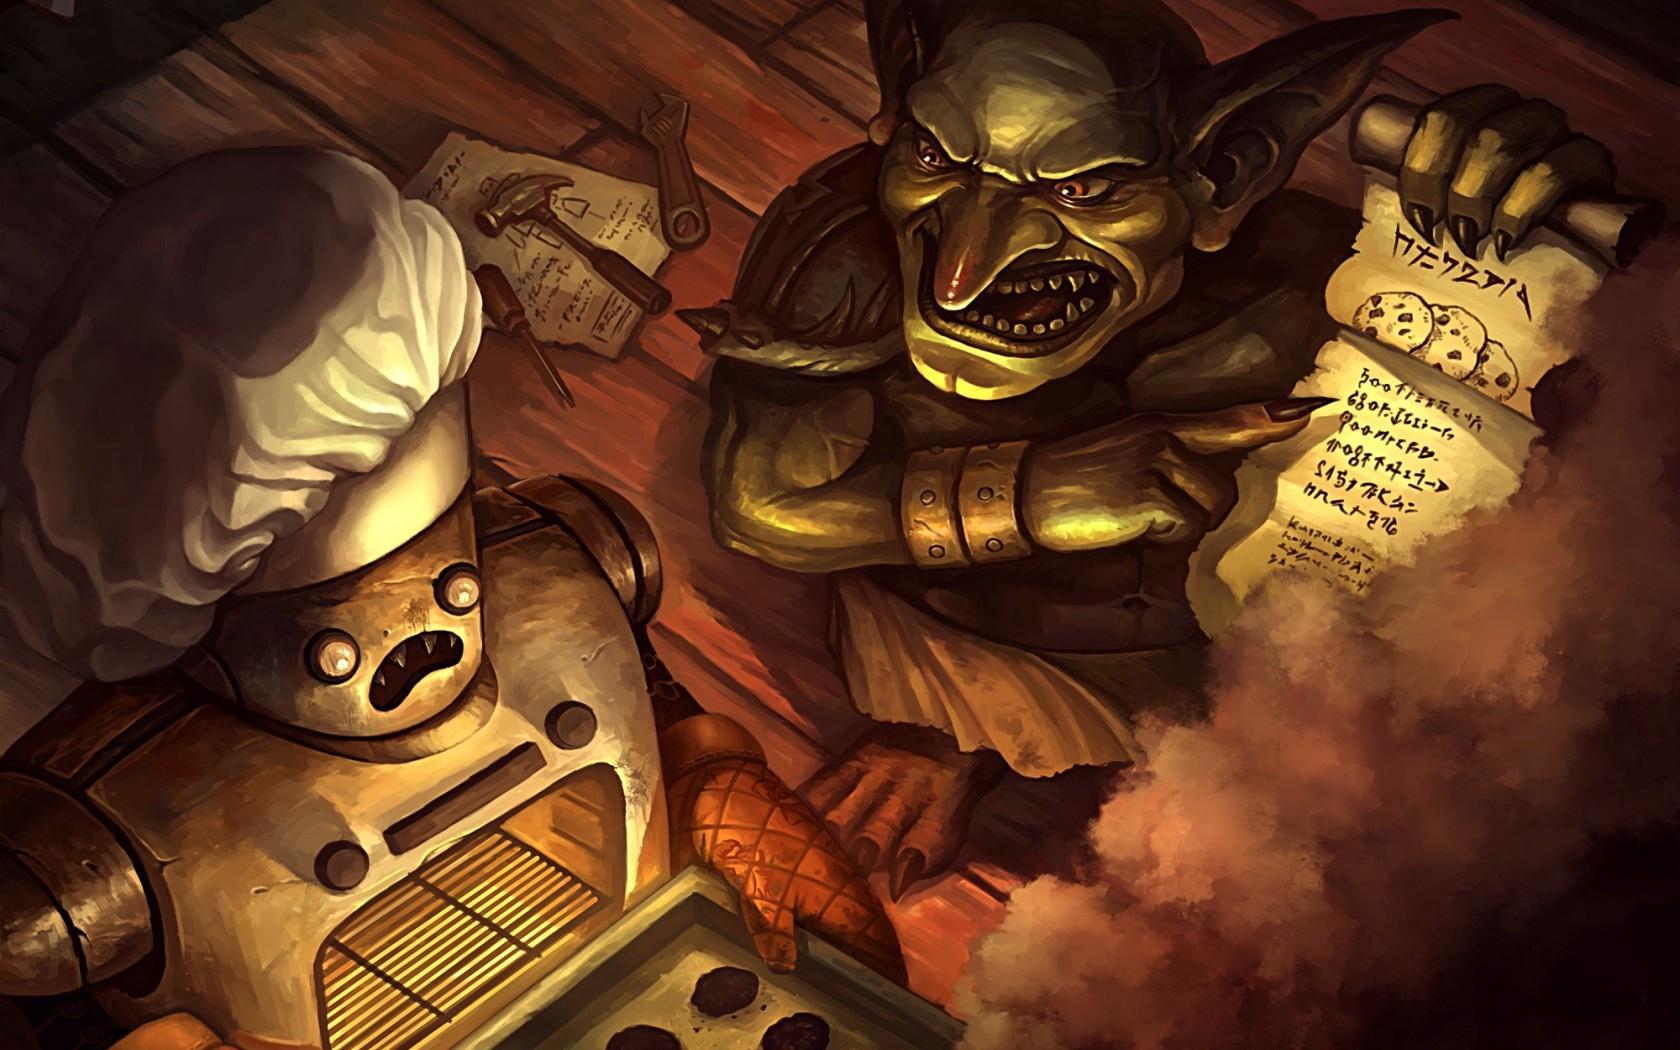 Hearthstone Goblin Robot Cook Smoke Recipe Art   Stock Photos 1680x1050